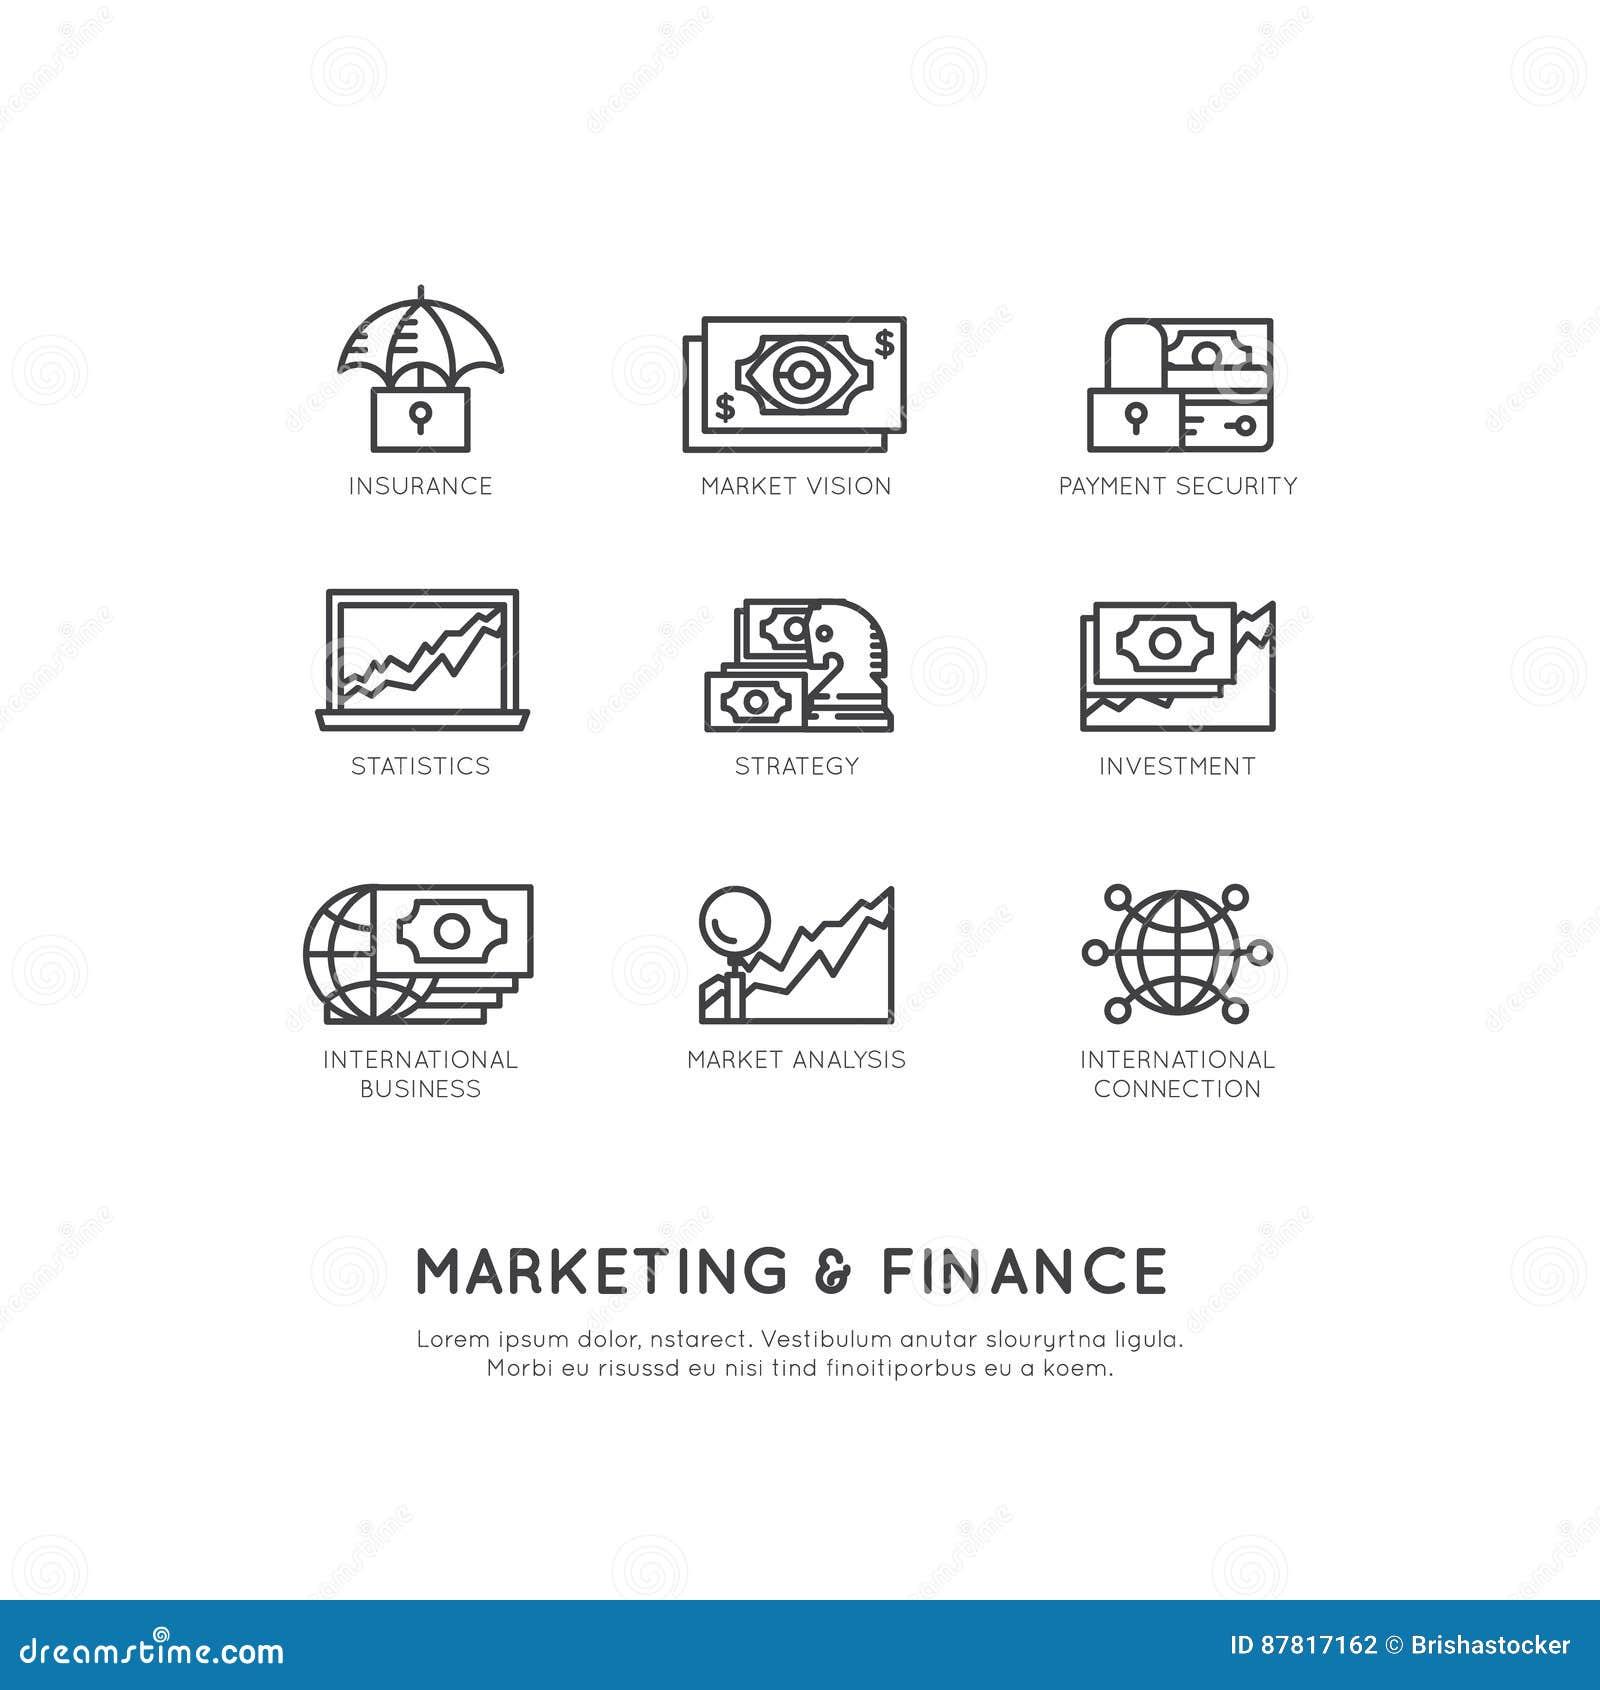 Иллюстрация маркетинга и финансов, зрения дела, вклада, процесса управления, работы финансов, дохода, источника дохода